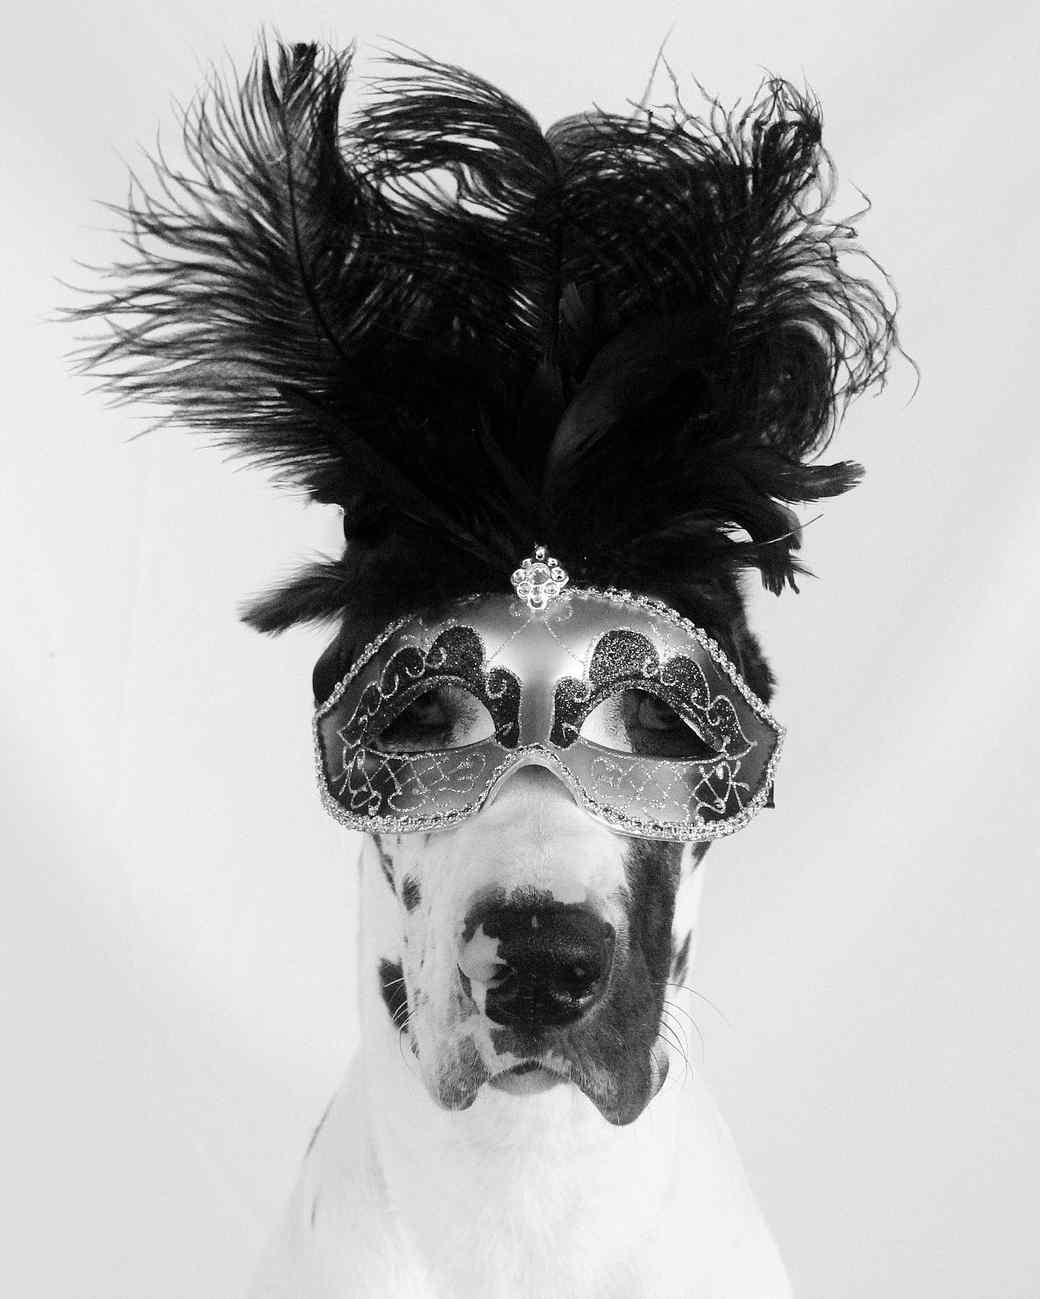 cosette-mask-avant-garde-1014.jpg